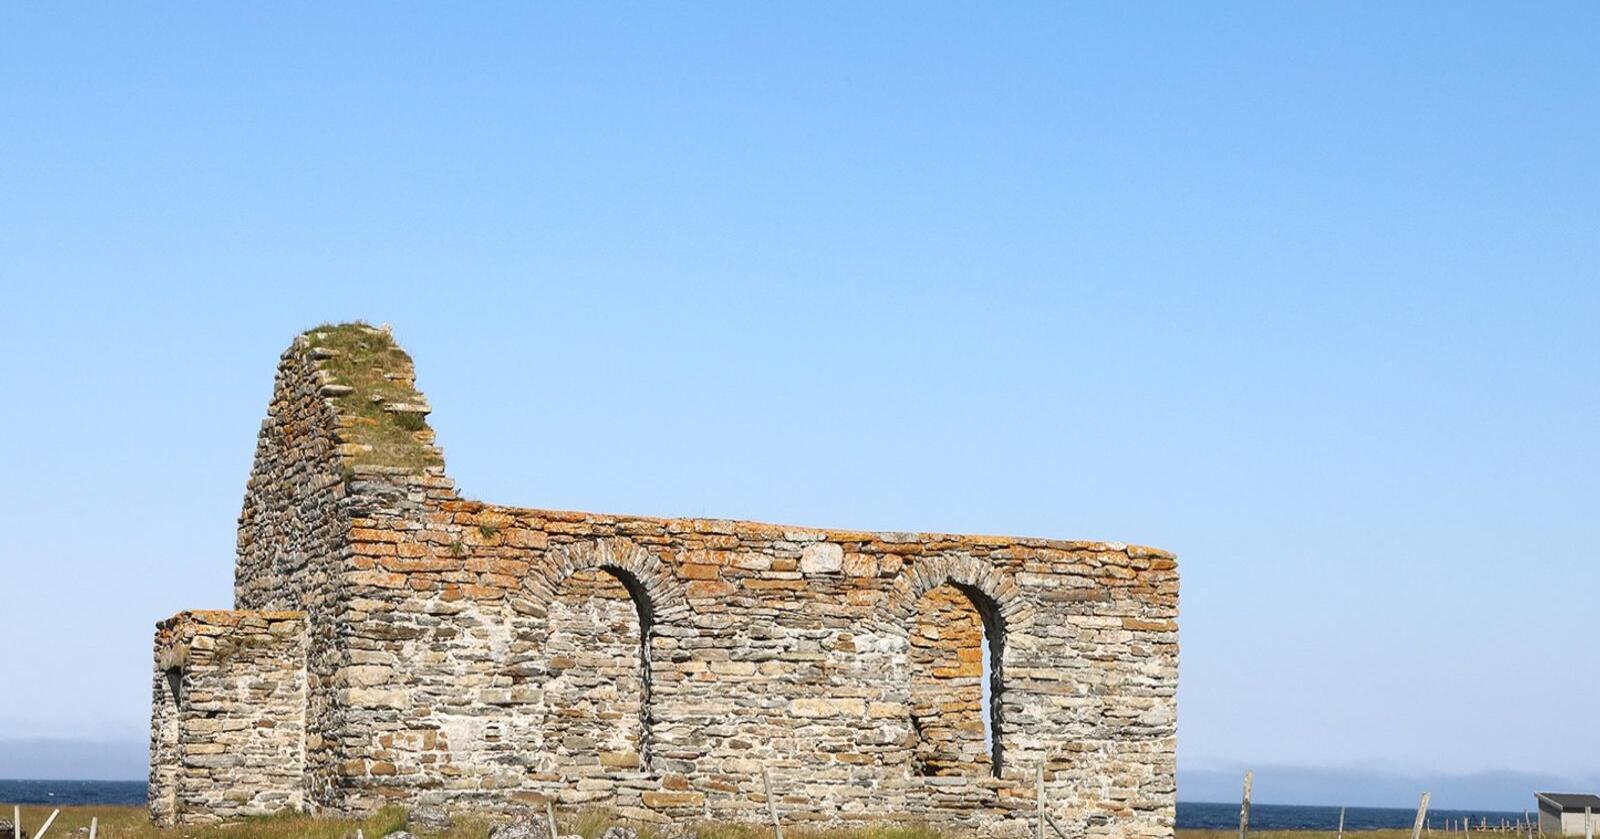 Røst gamle kirke ligger ut mot havet. I dag en turistattraksjon for sitt kirkelige ruinpreg. Foto: Oscar Puschmann, NIBIO – UKL